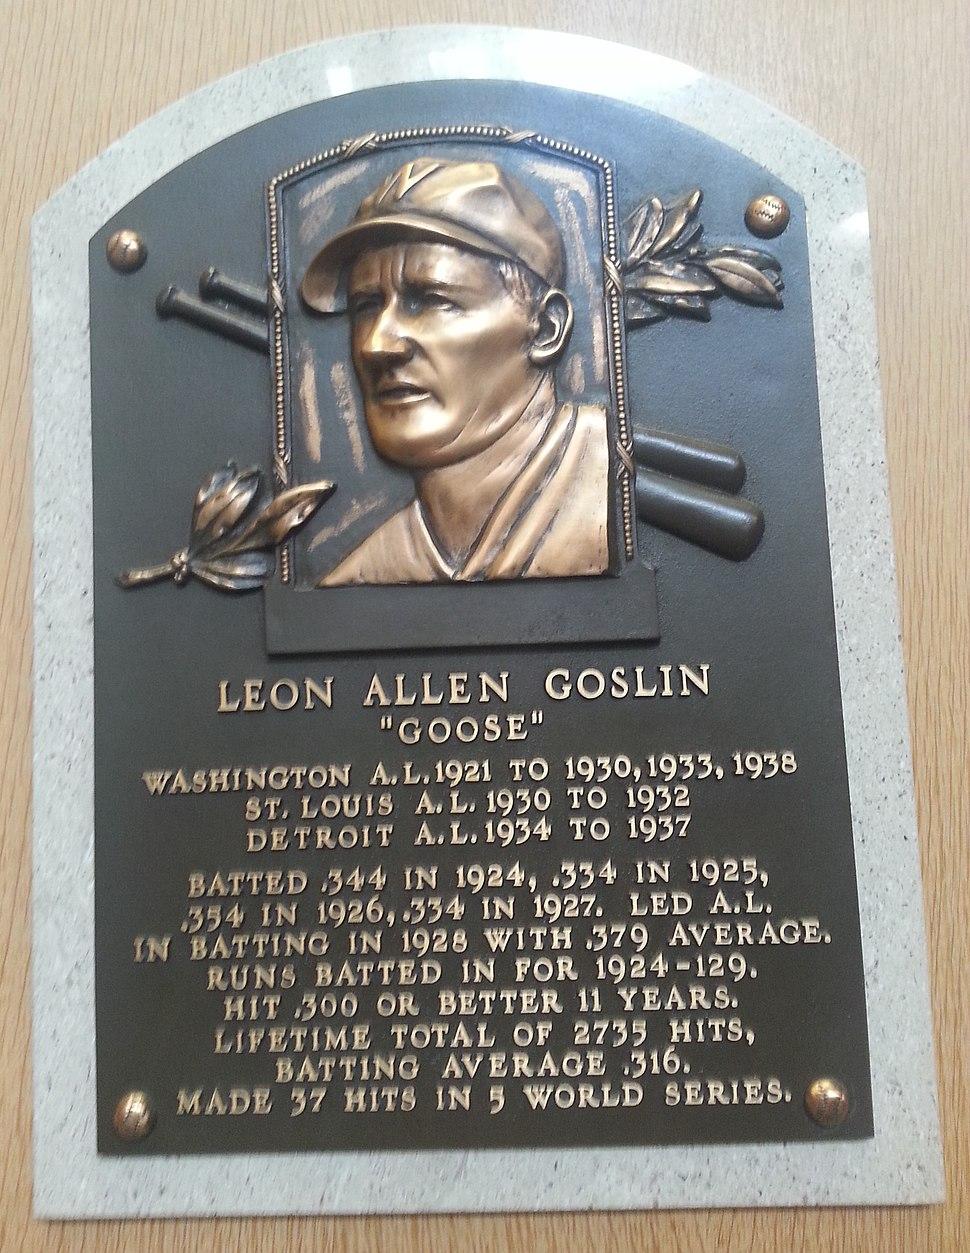 Goose Goslin plaque